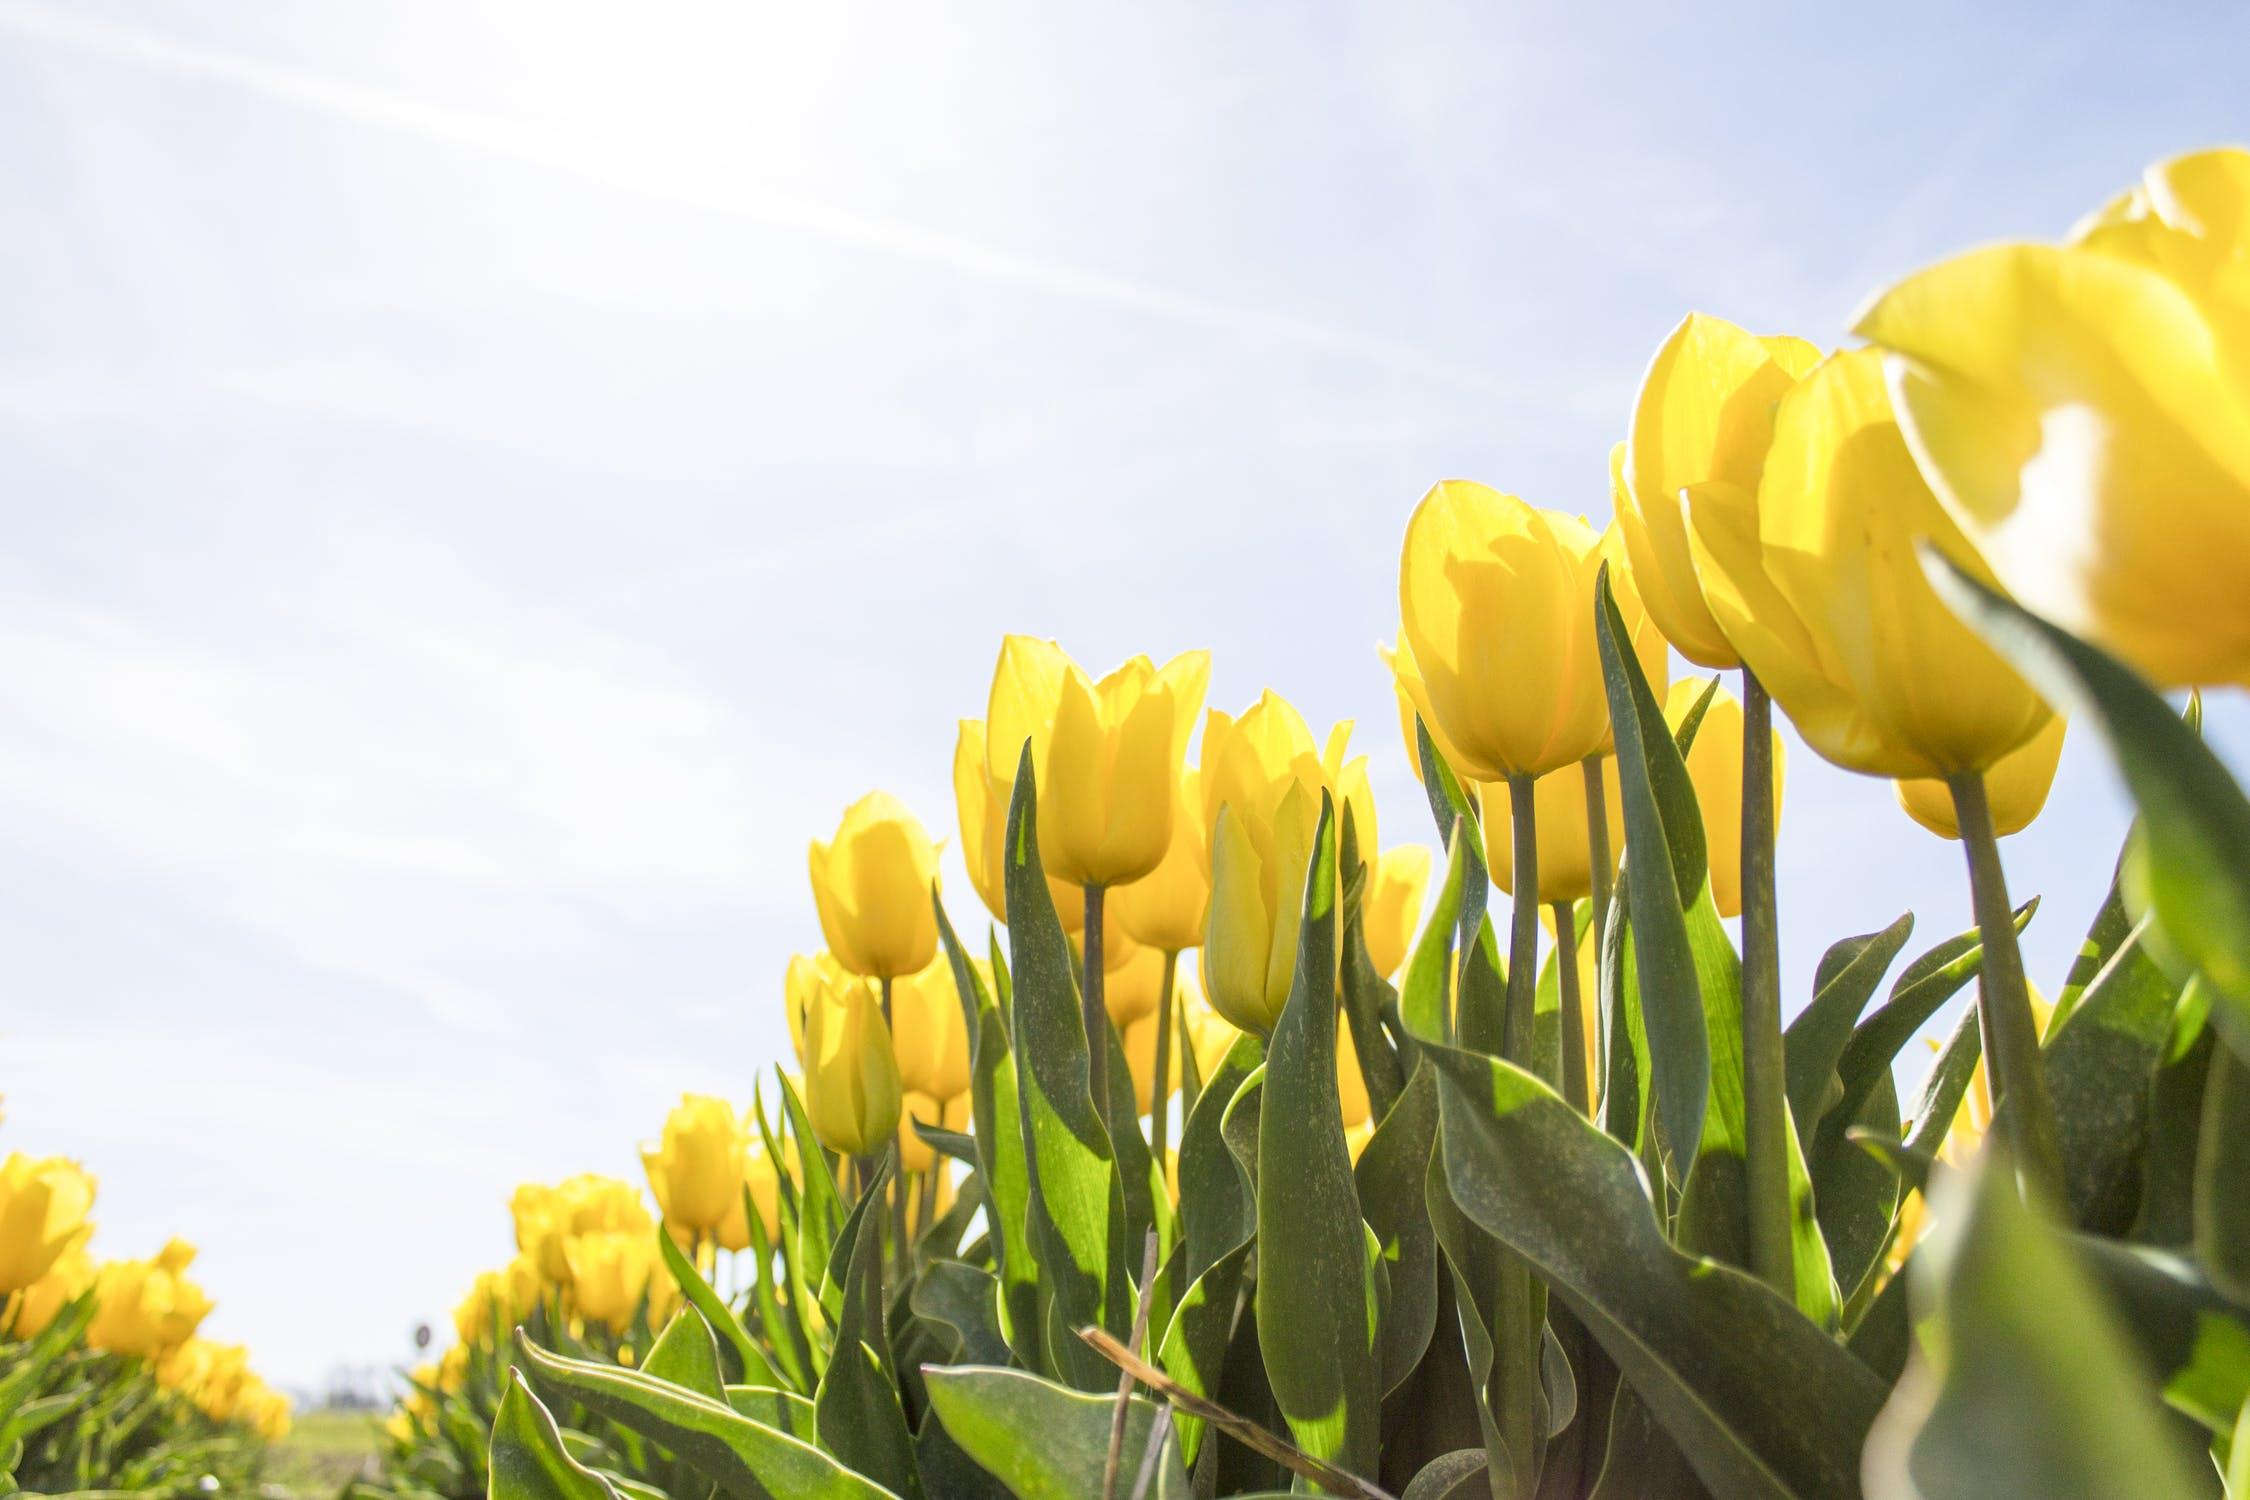 Heerlijk lente weer, betekent drukte bij tuincentra